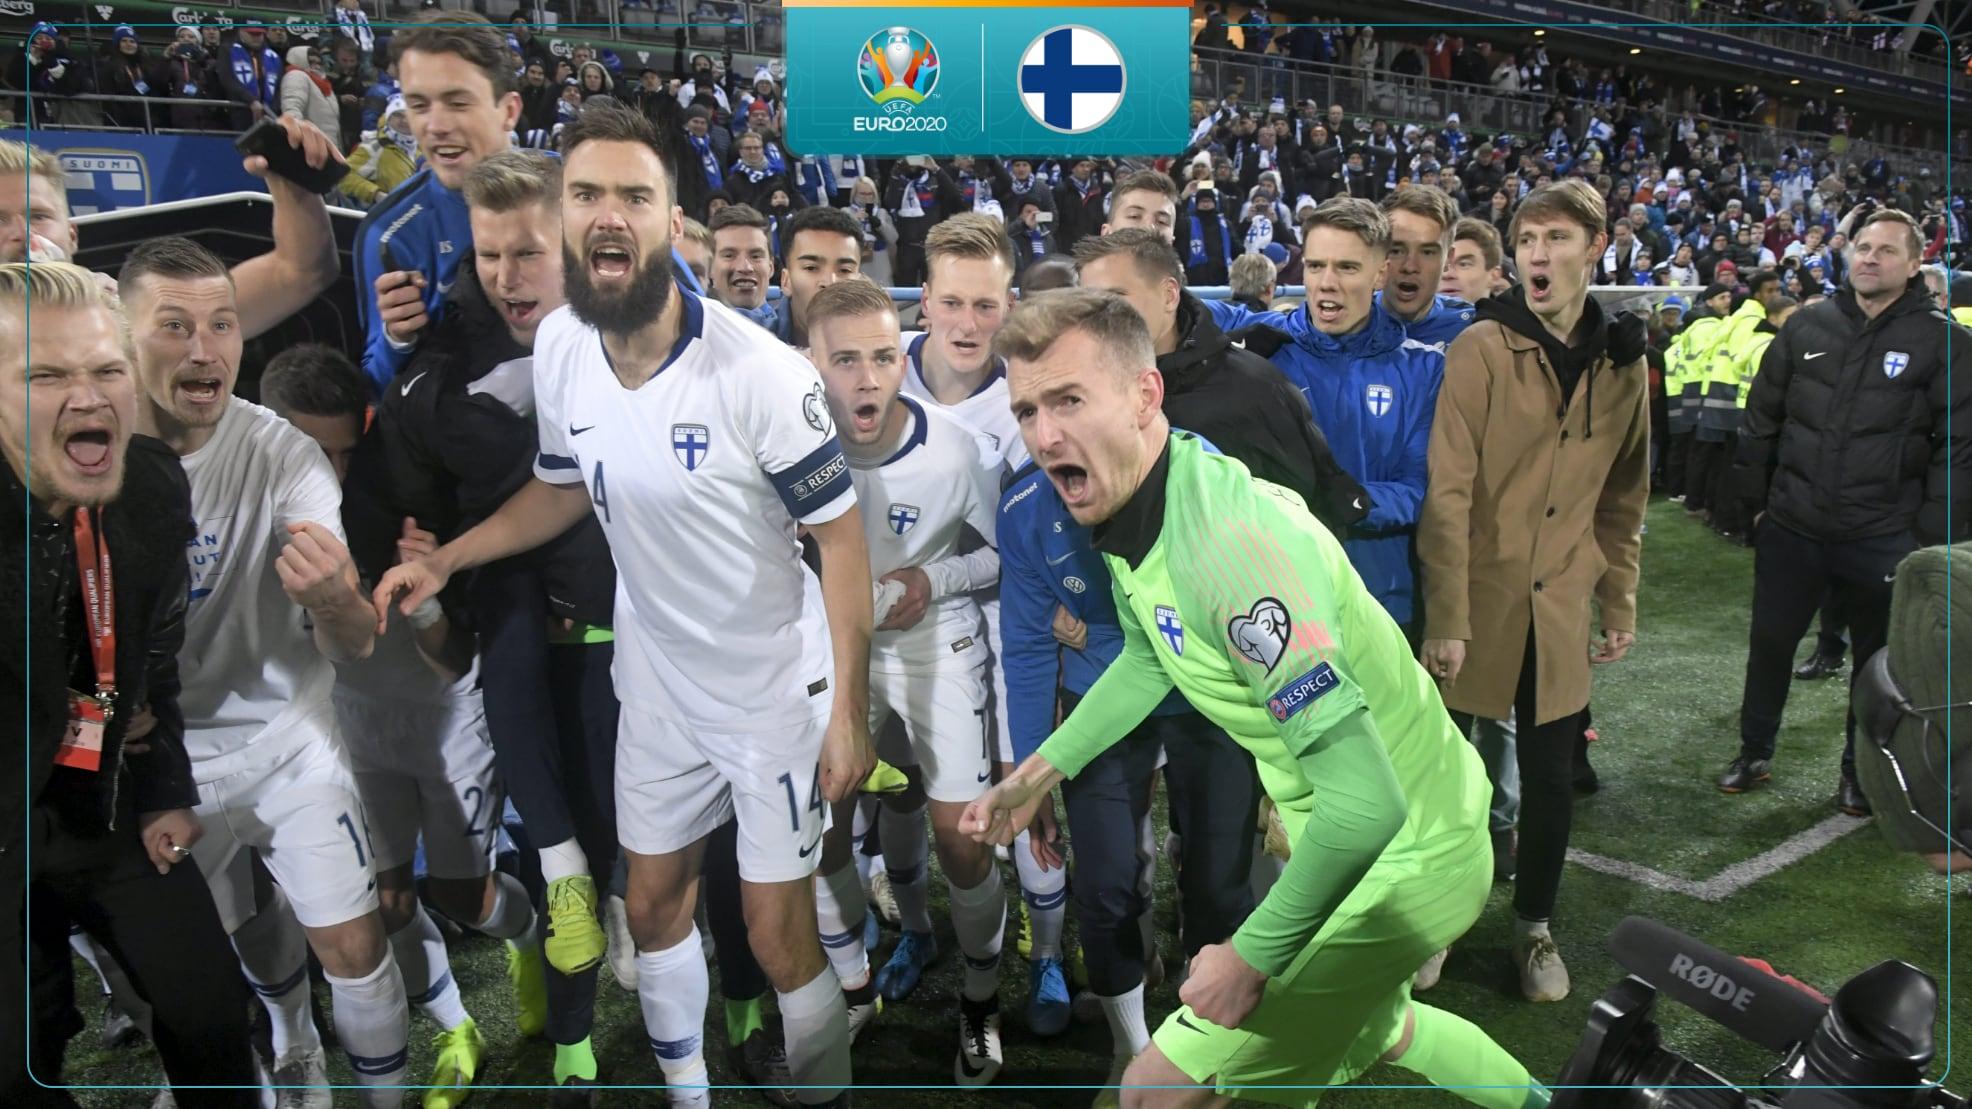 Участники ЕВРО-2020: Финляндия | UEFA EURO 2020 | UEFA.com